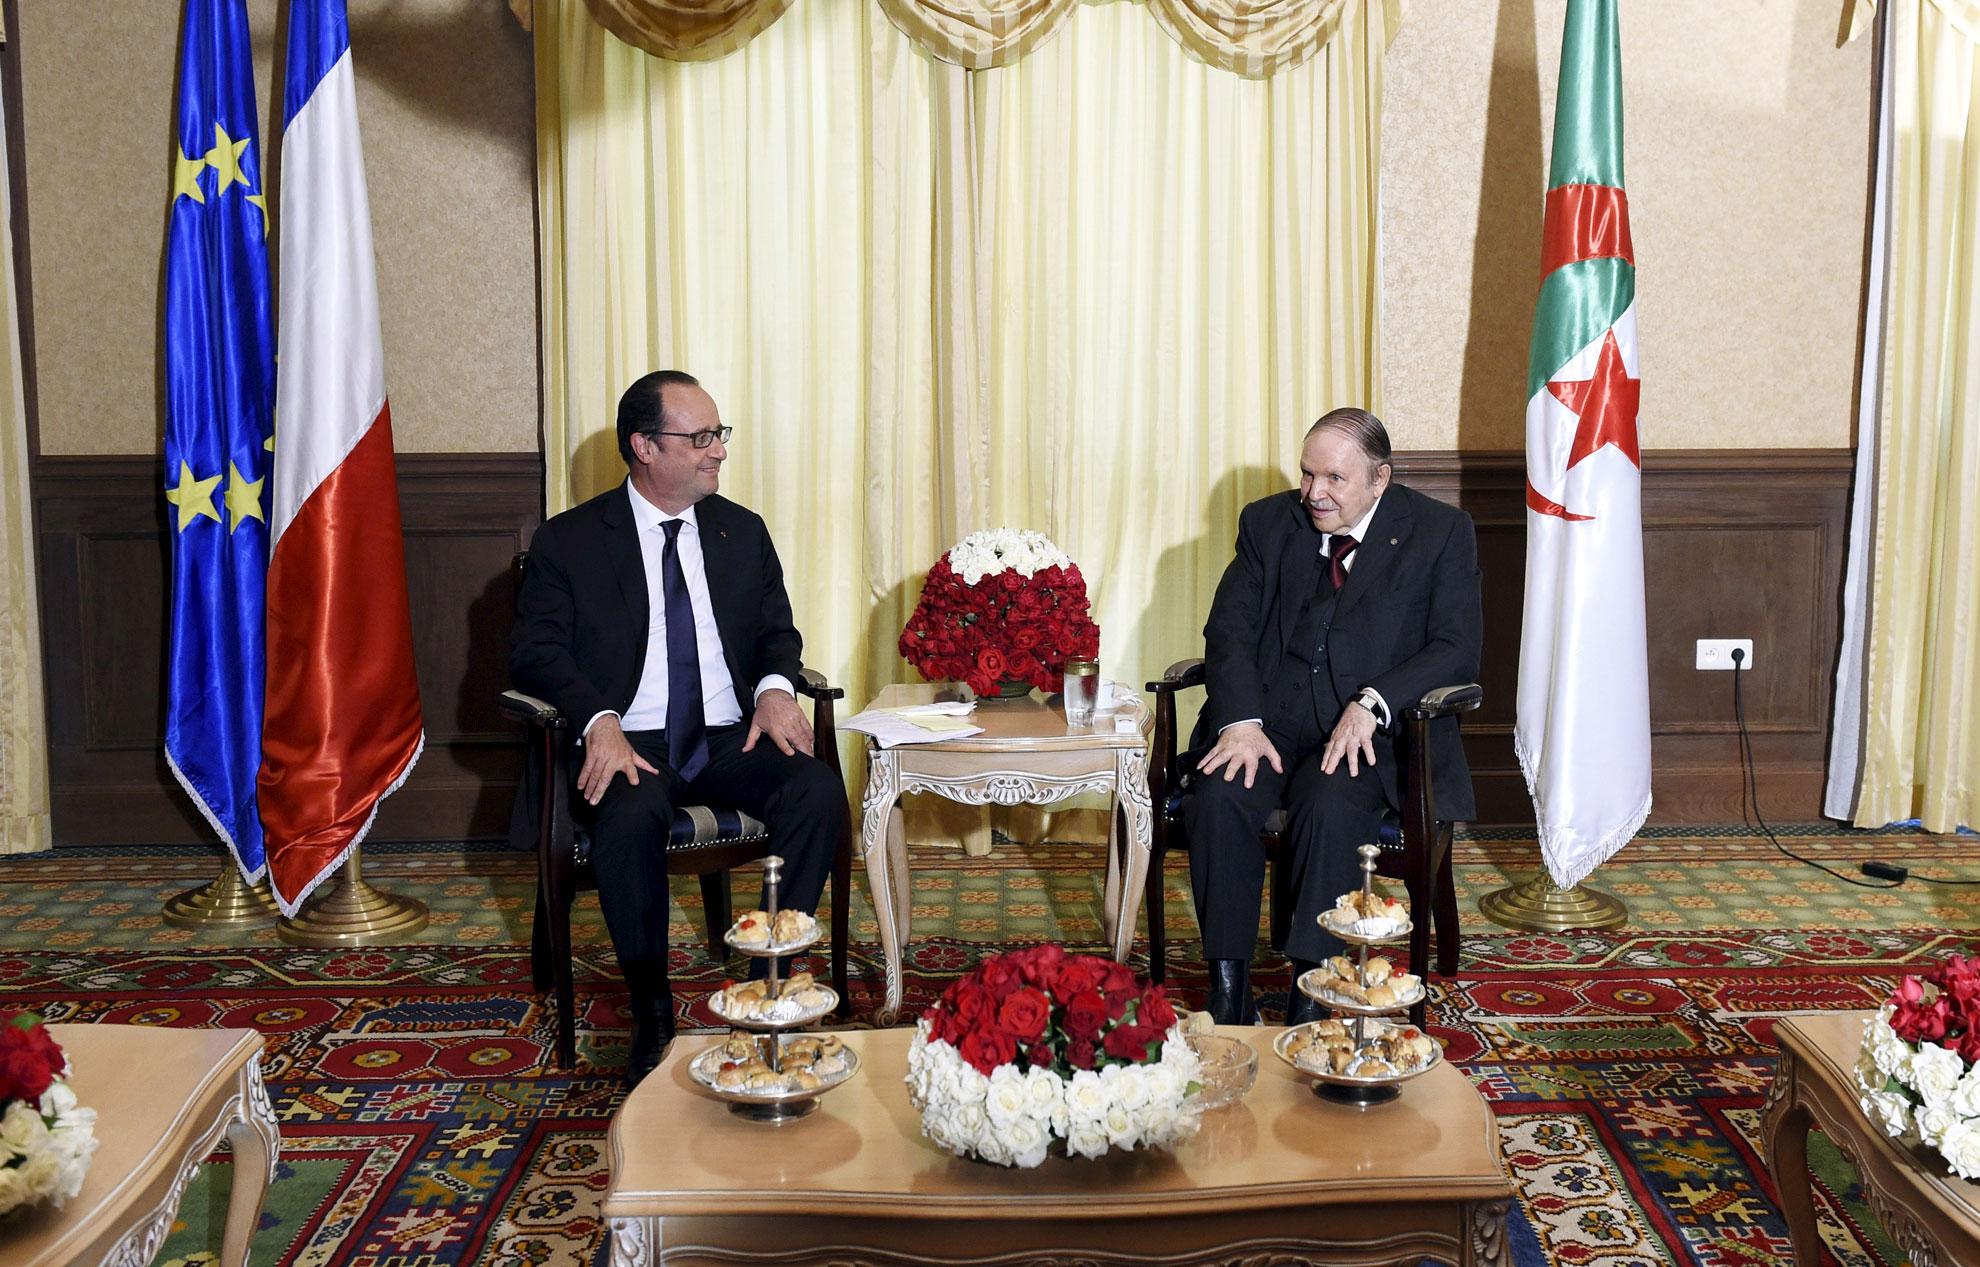 Algérie : quel héritage laissera Bouteflika?